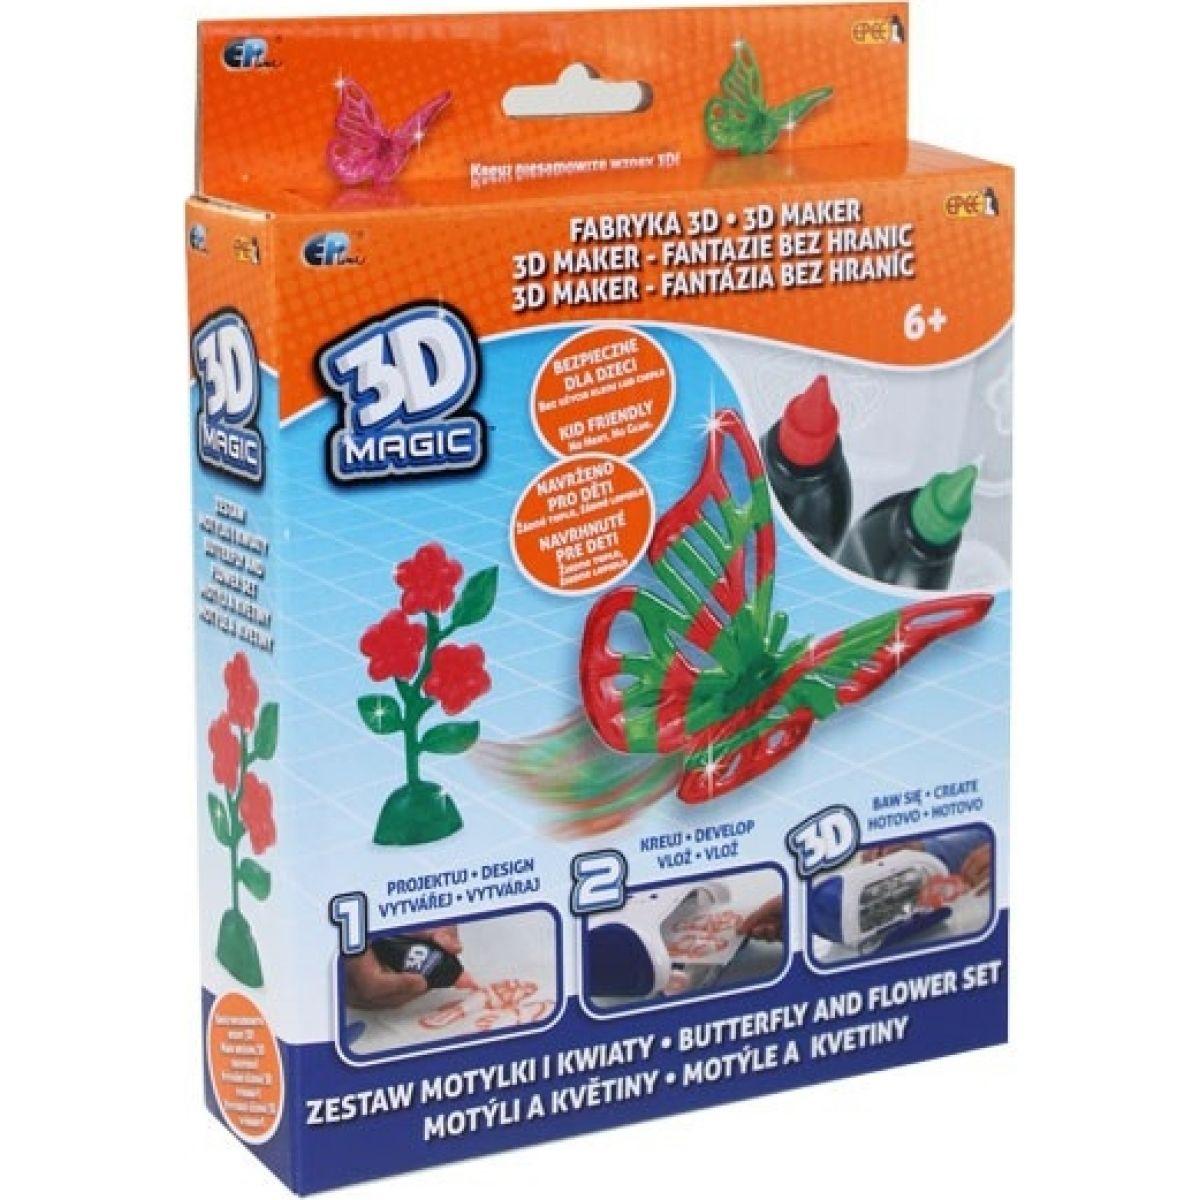 EP Line 3D Magic Tématická sada Motýli a květiny